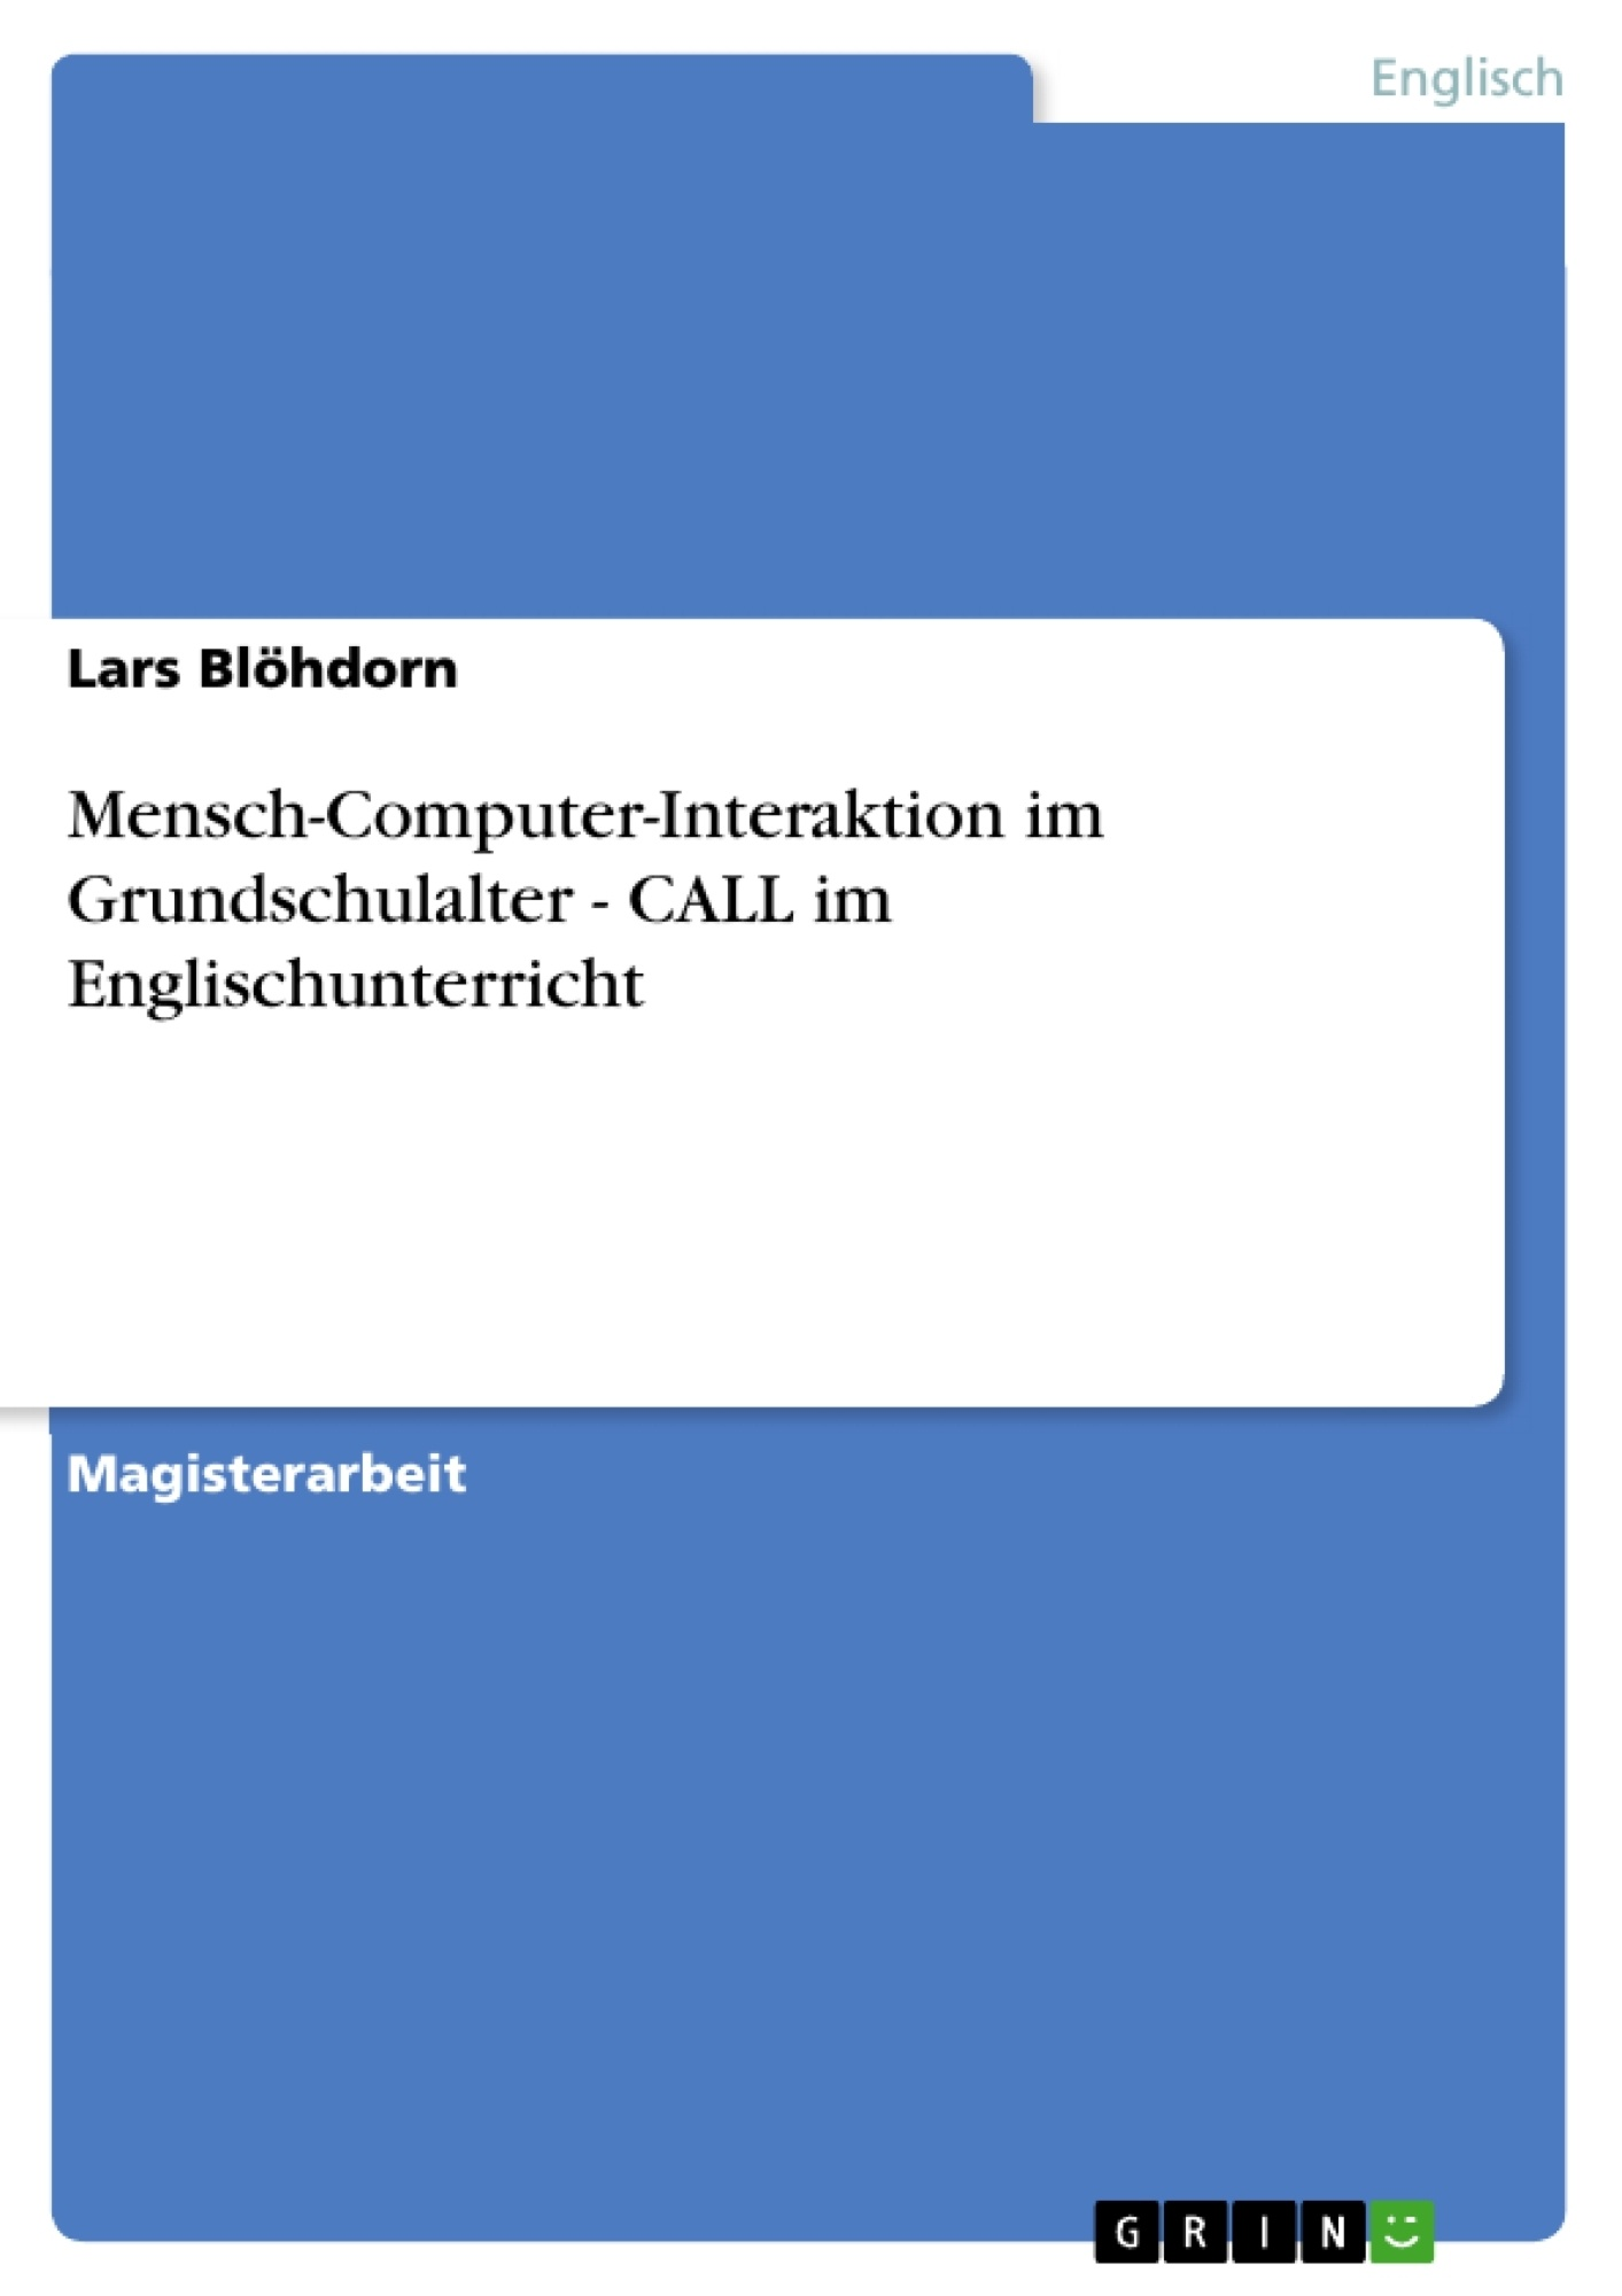 Titel: Mensch-Computer-Interaktion im Grundschulalter - CALL im Englischunterricht